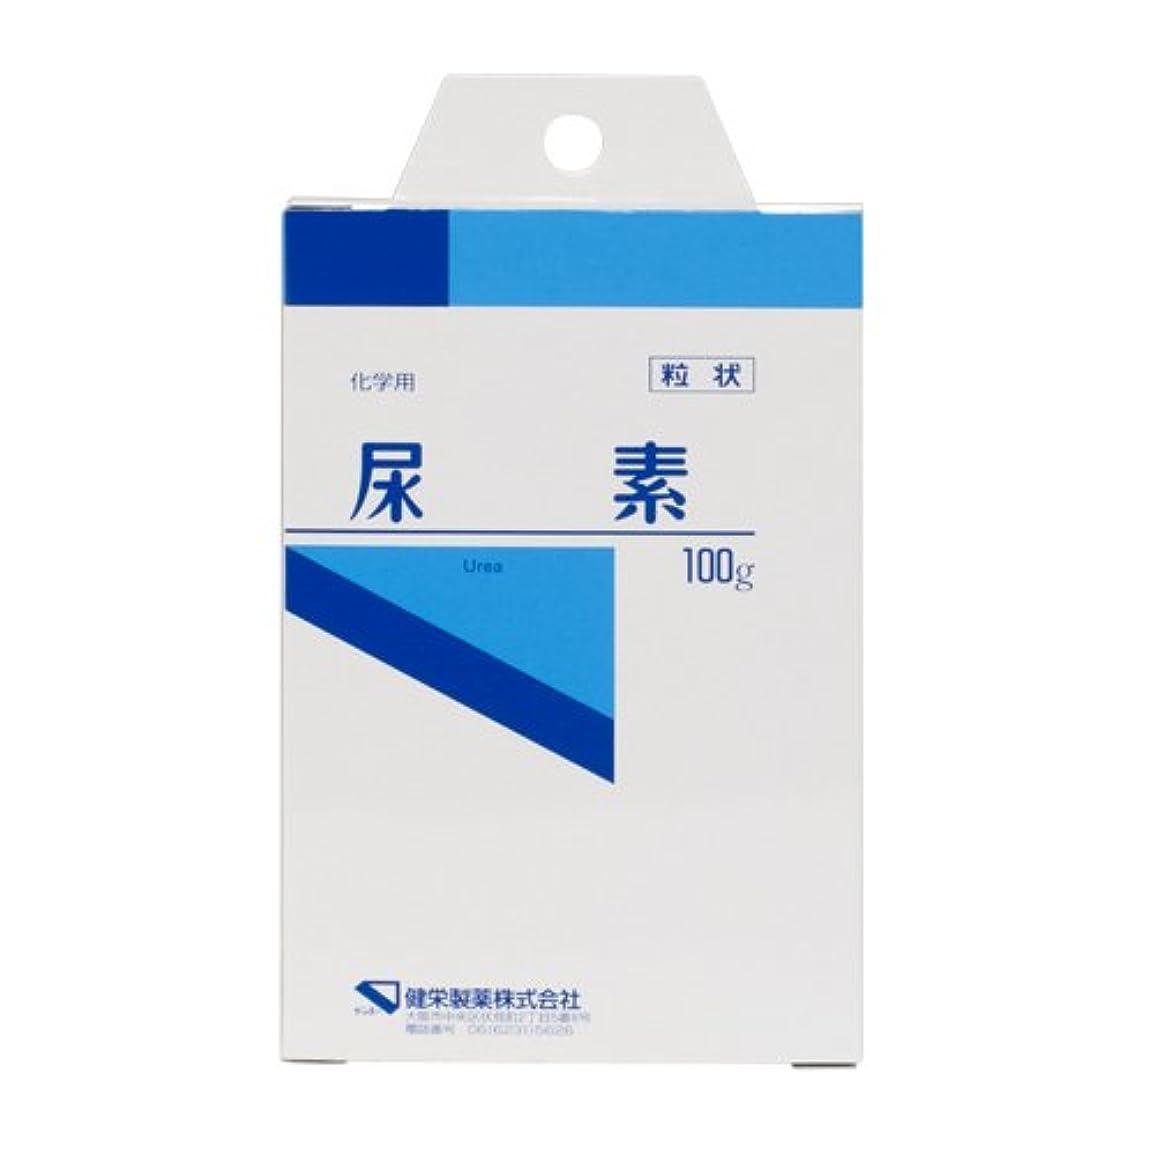 入場料リード牛肉尿素(粒状) 100g